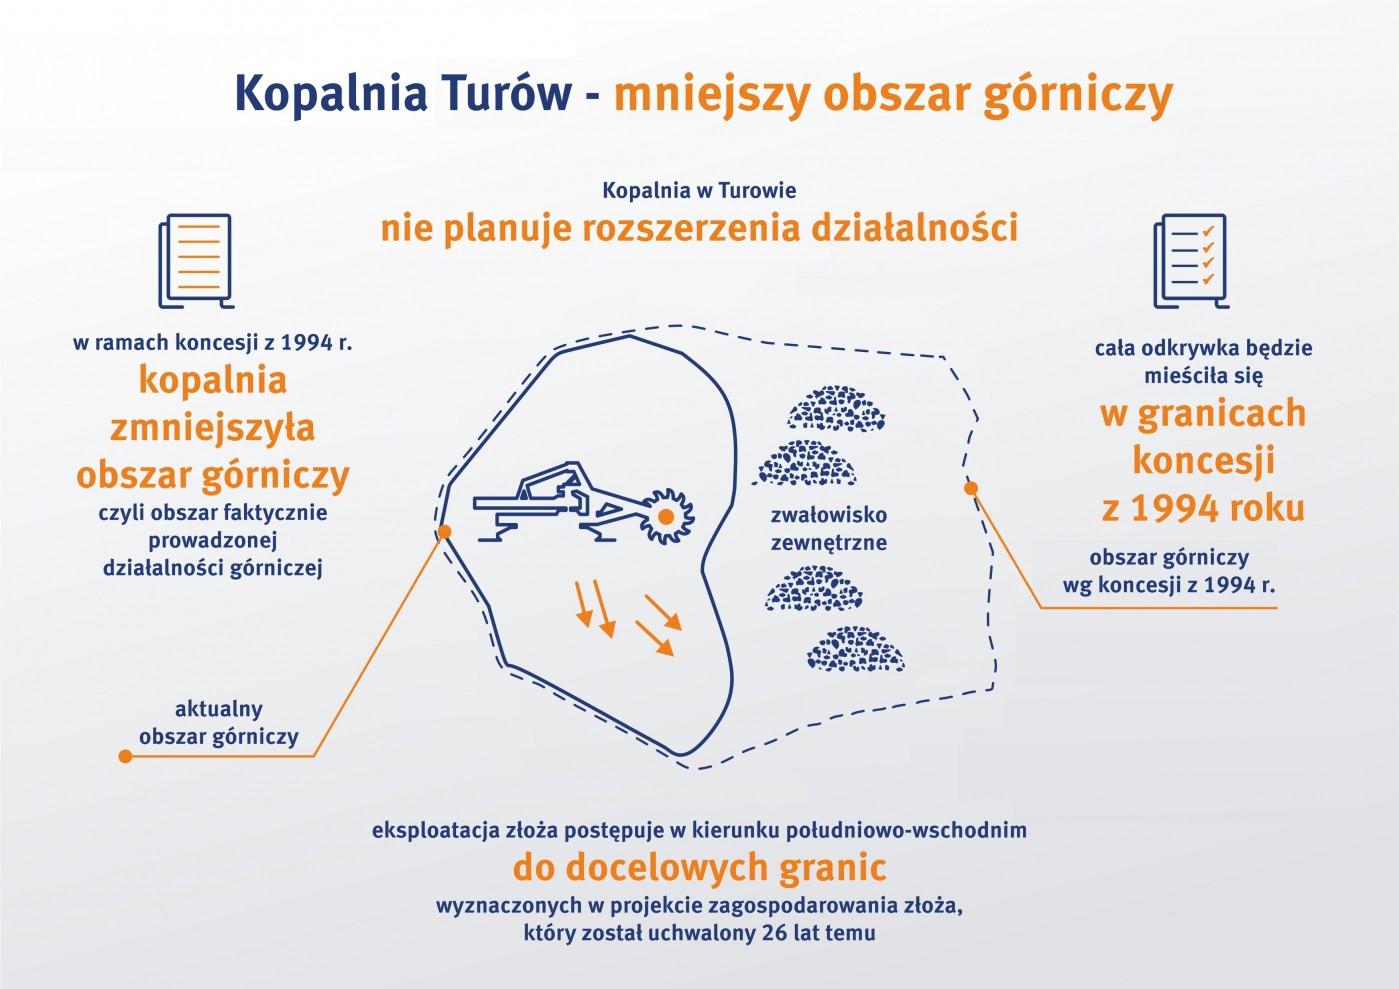 infografika_mniejszy_obszar_gorniczy_turow.jpg